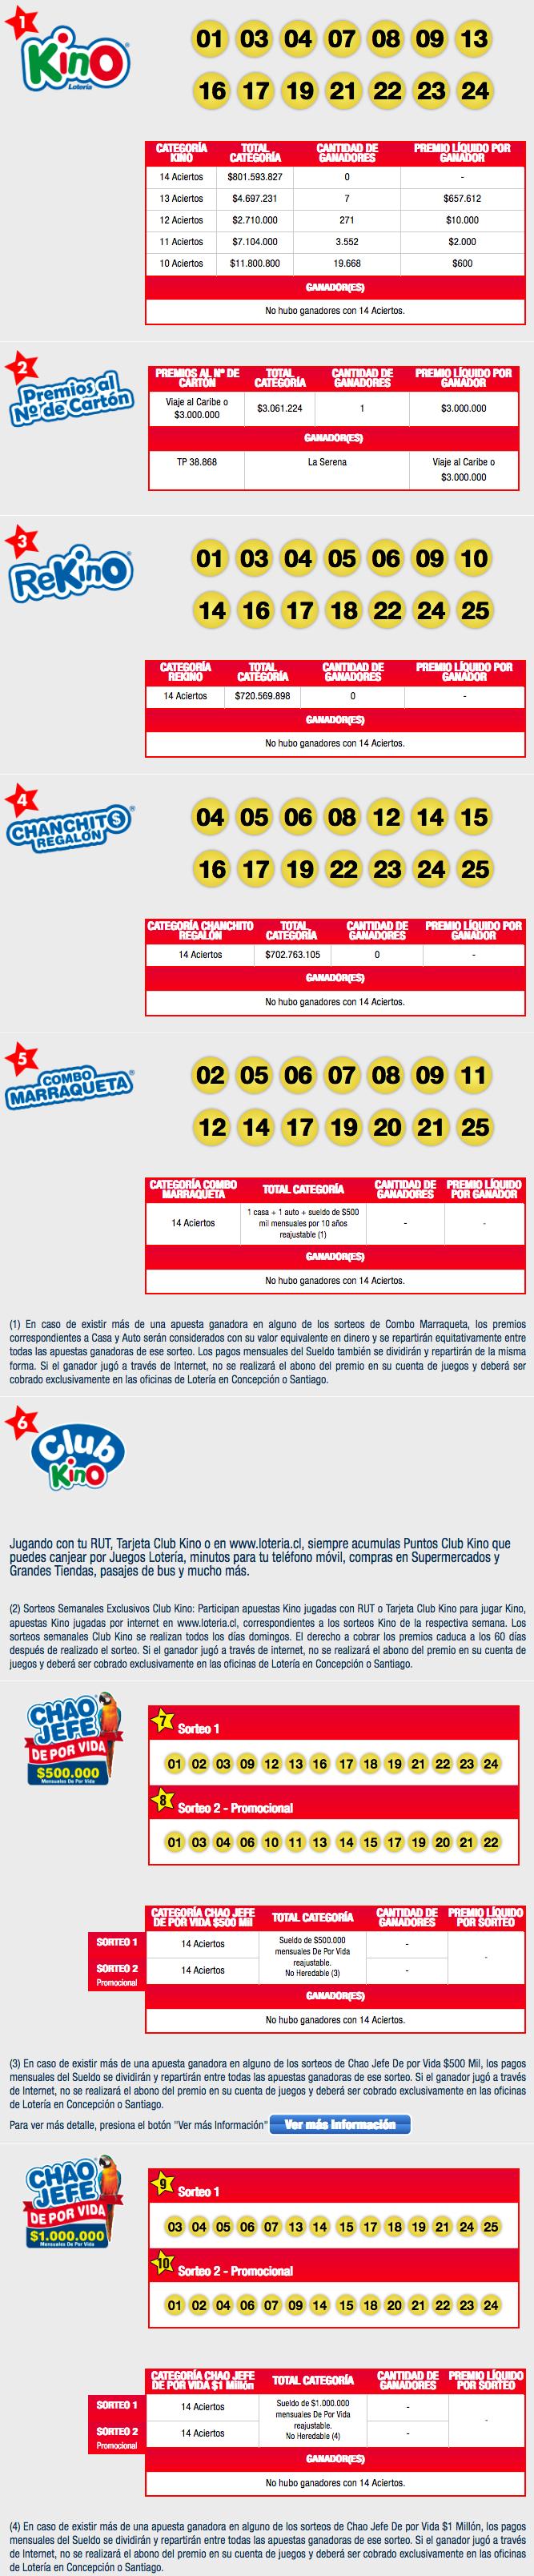 Resultados Kino Chile Sorteo 2118